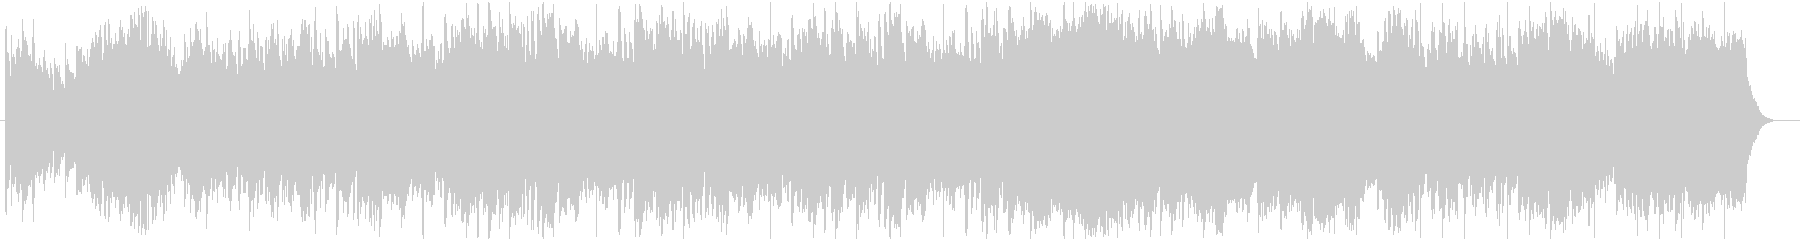 雄大な自然をイメージするフィールドBGMの未再生の波形